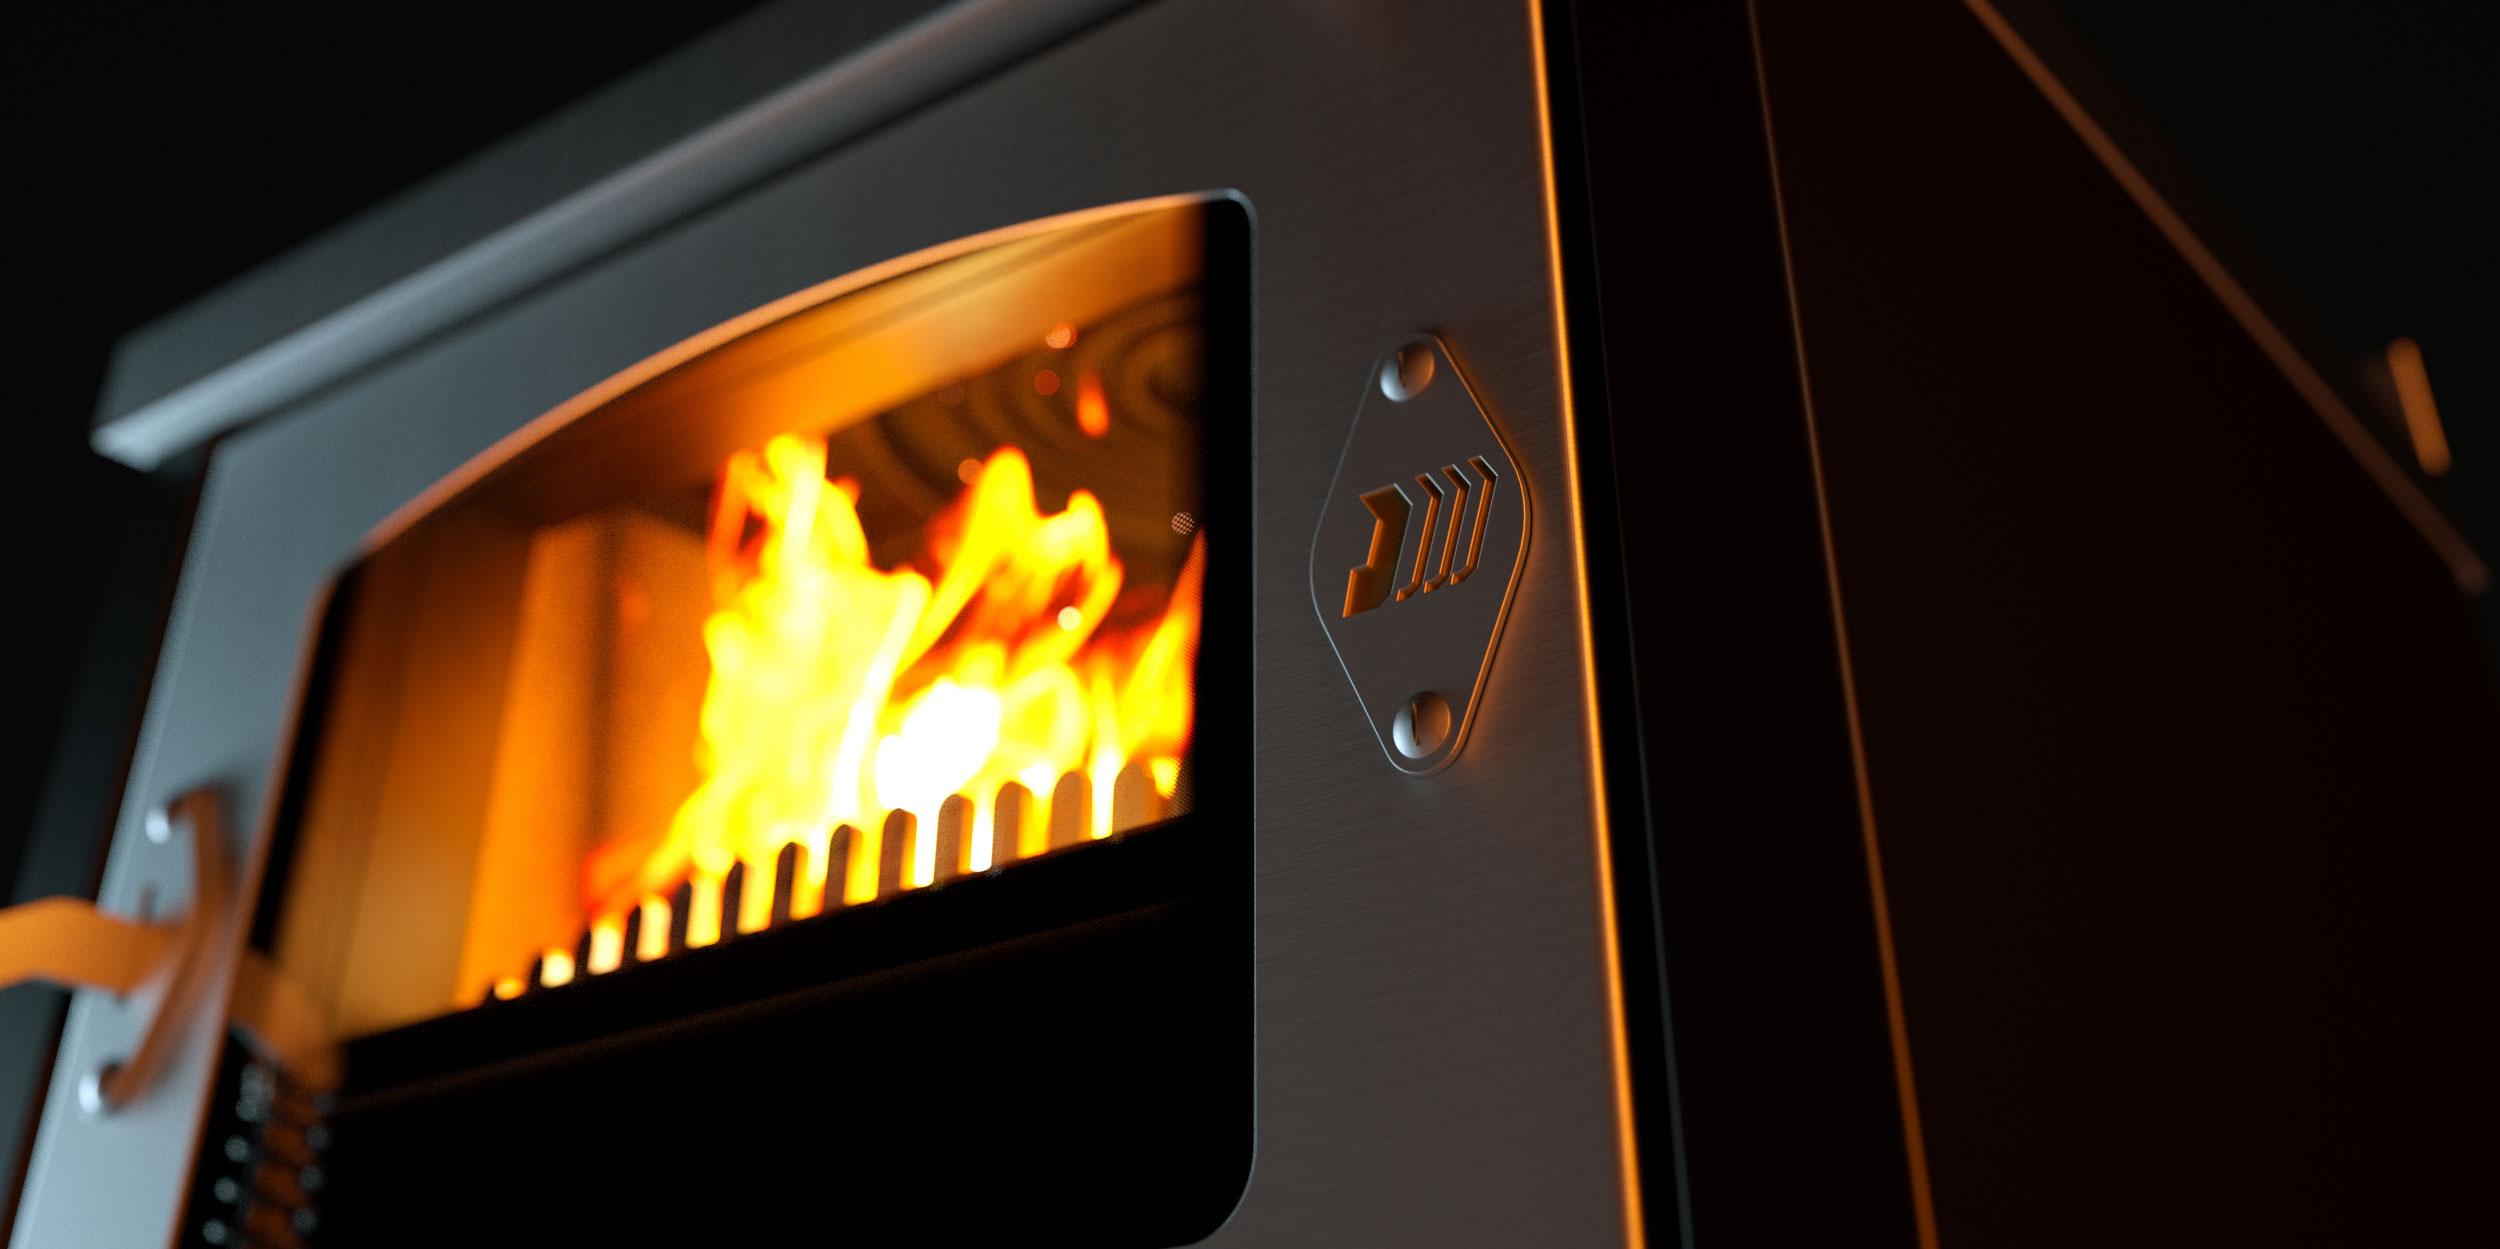 http://cucinealegna.demanincor.com/images/prodotti/prova/Vista%20home%20domino%20octane3.jpg